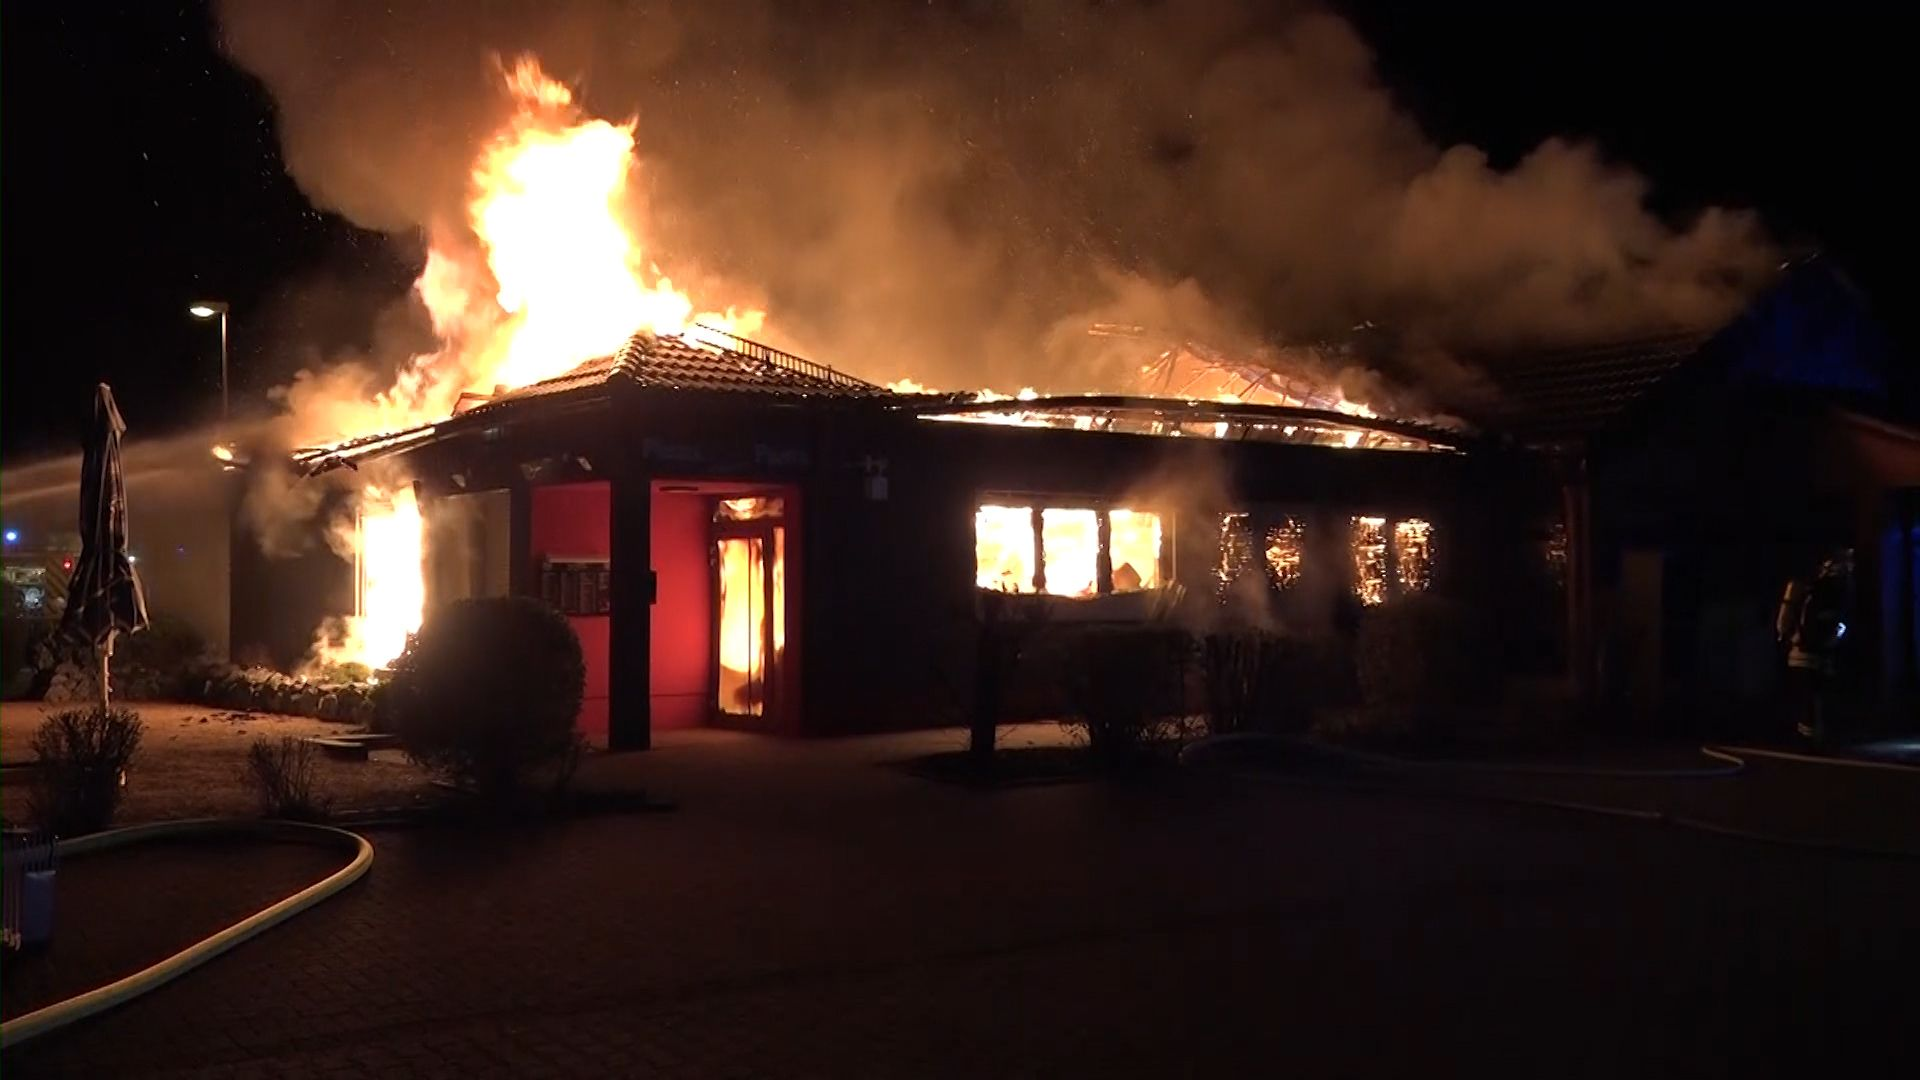 Pizzeria ausgebrannt – 100 Feuerwehrleute im Einsatz